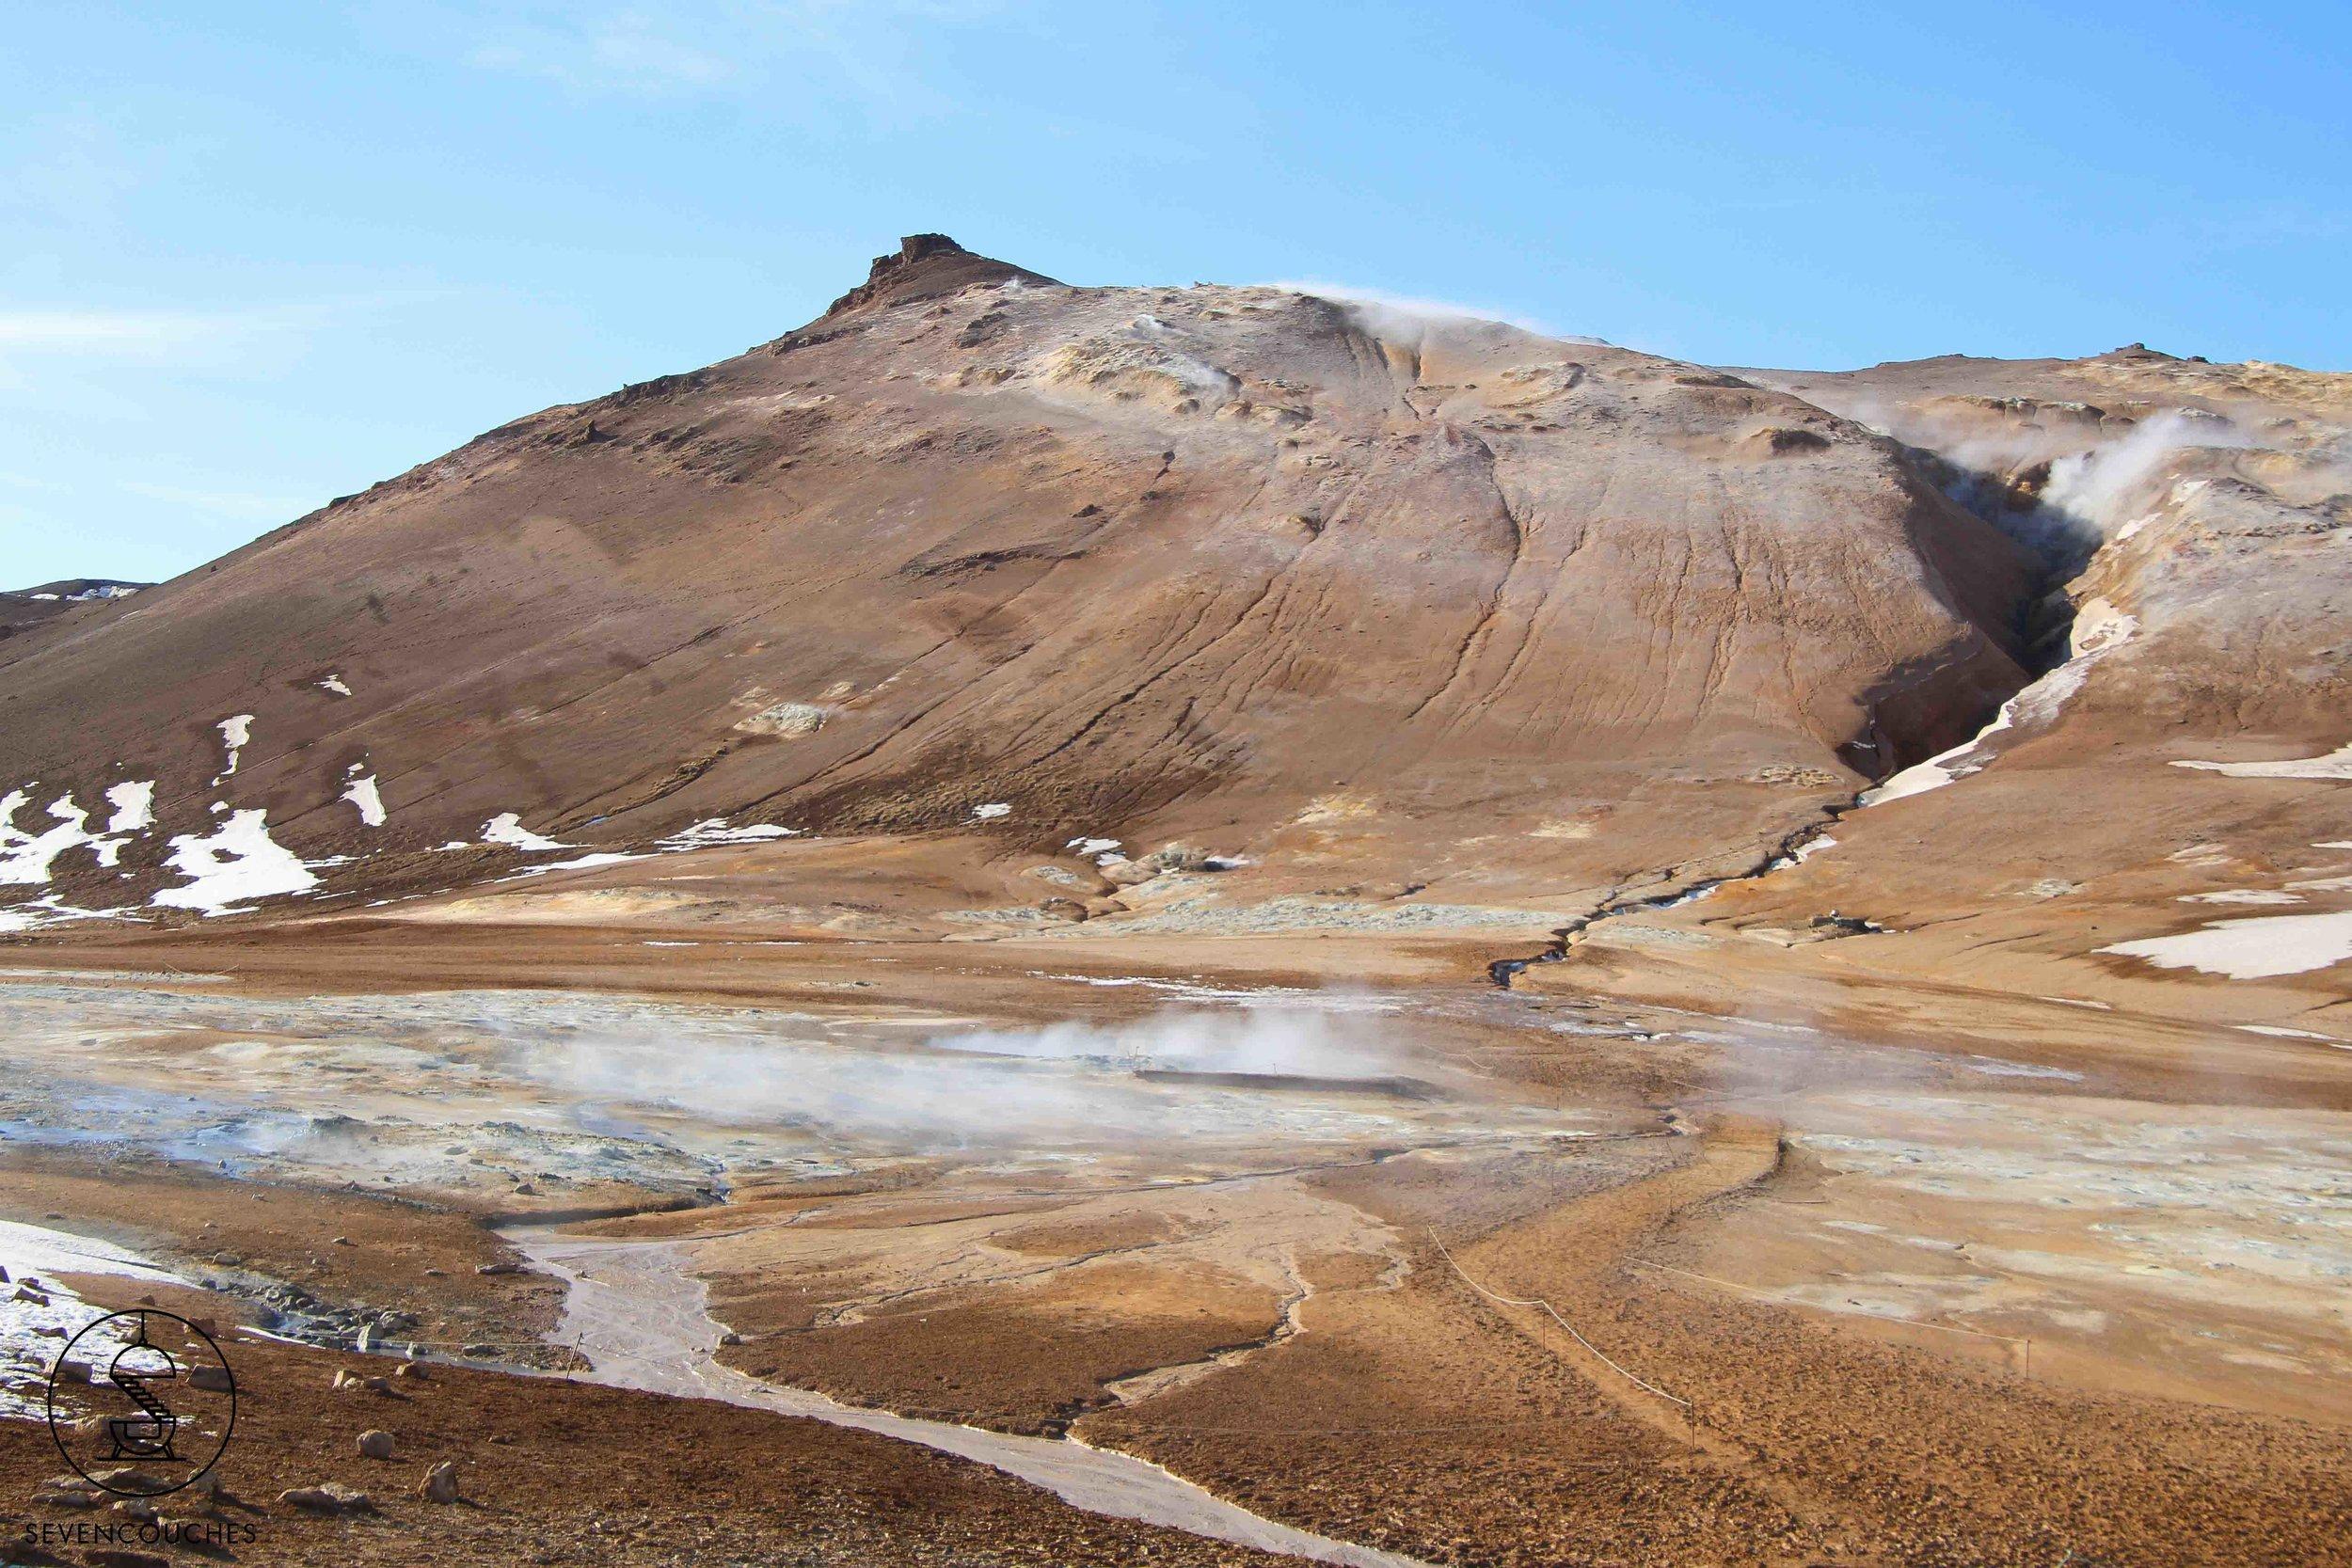 Persoonlijk | Alles over mijn rondreis door IJsland (deel 2)